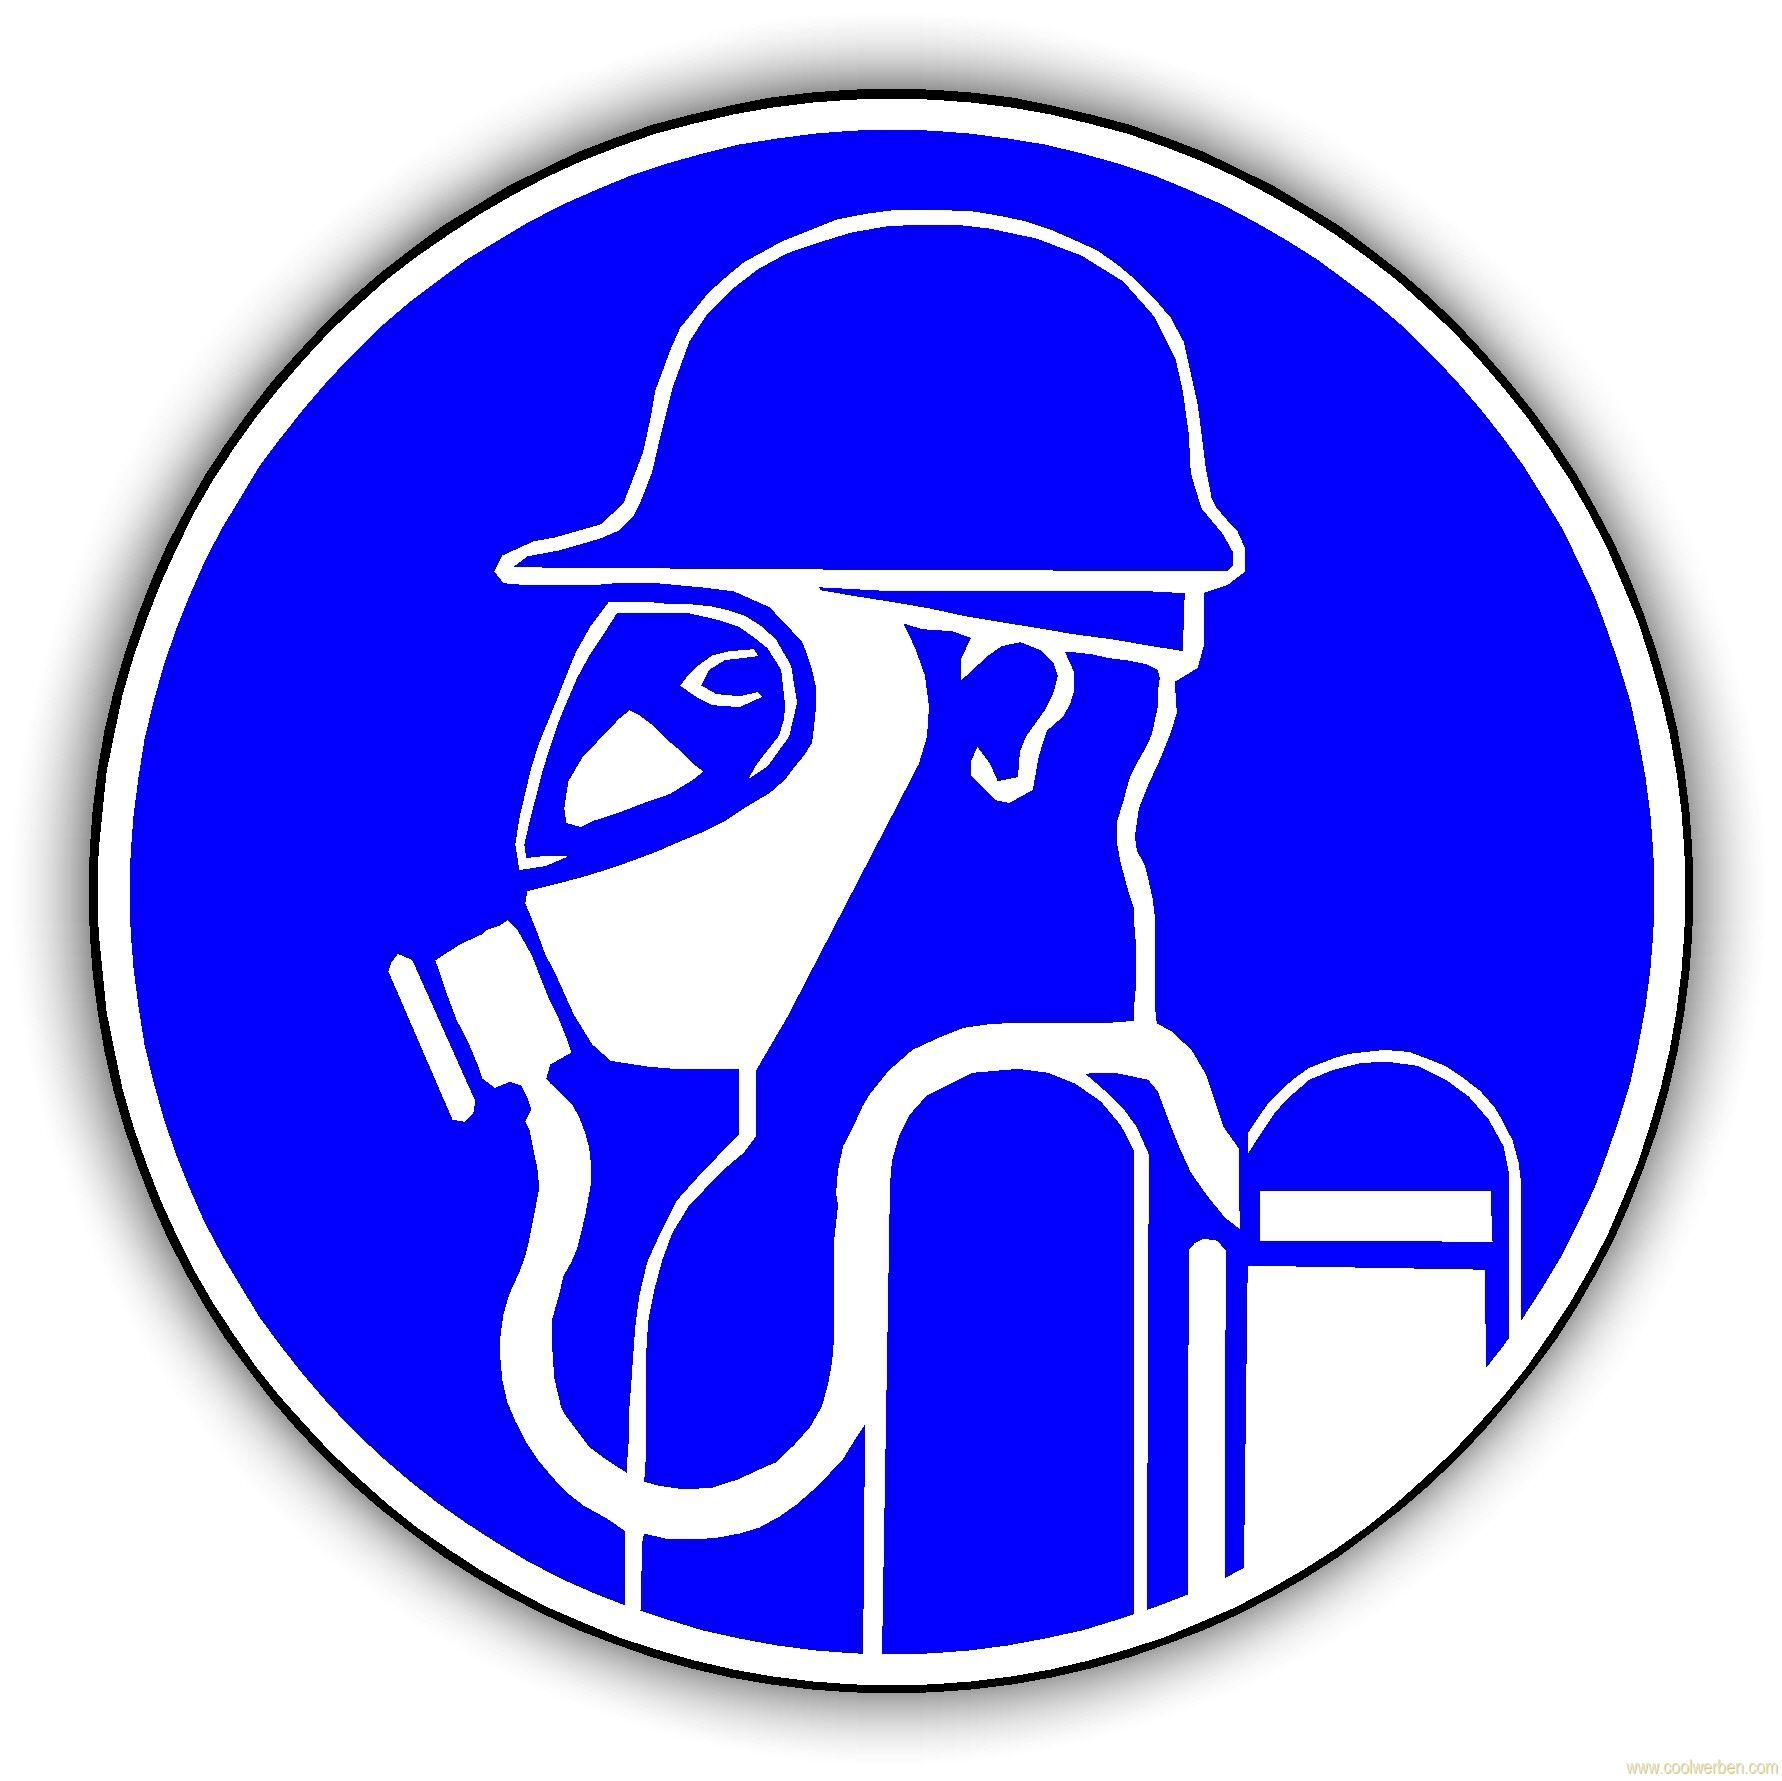 Belegung der Atemschutzstrecke